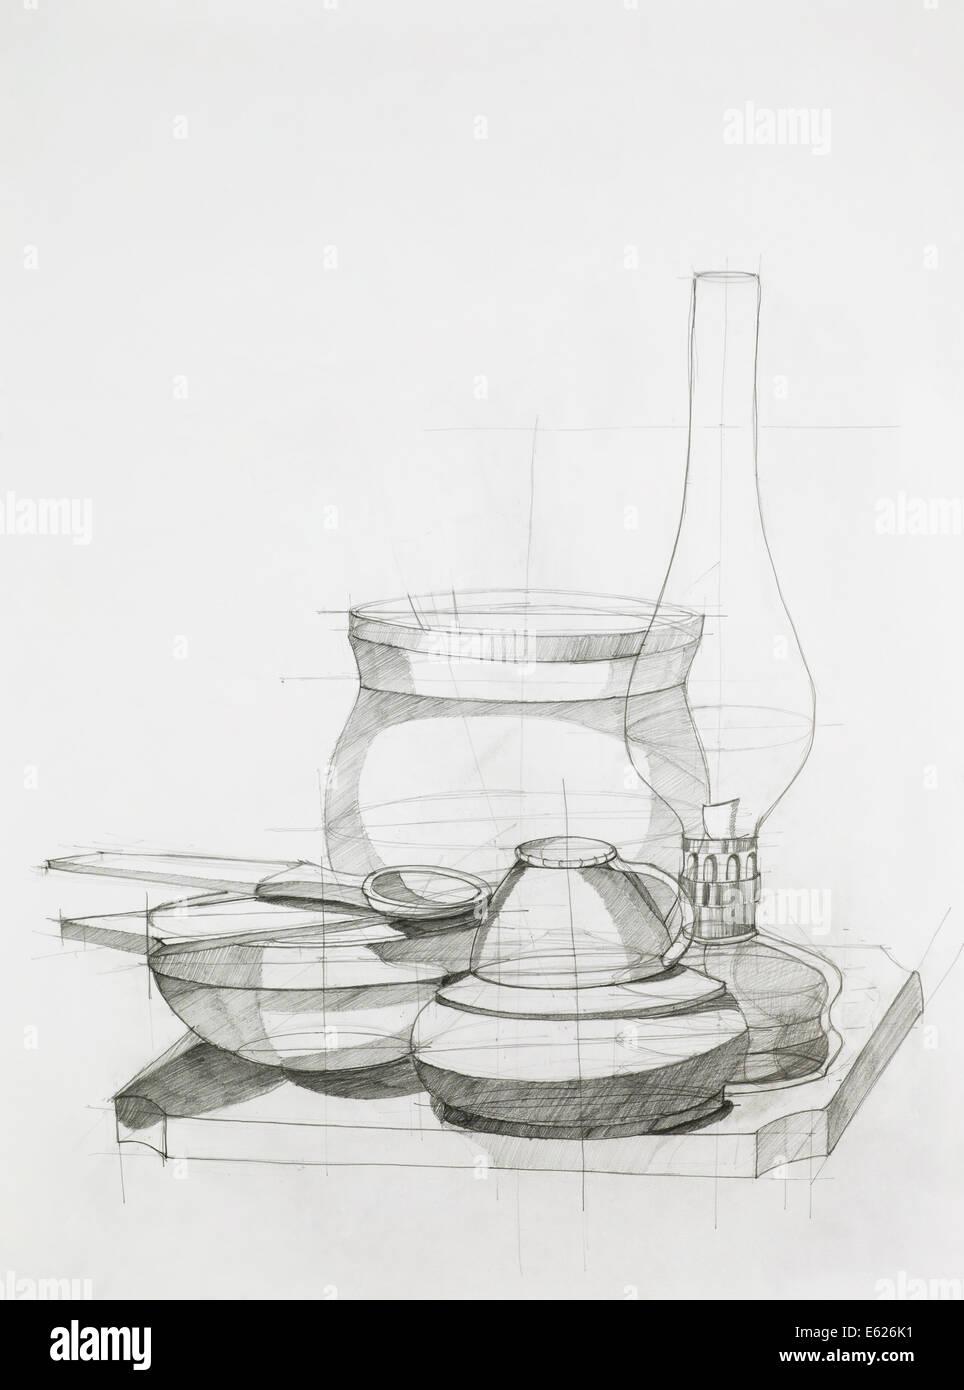 Disegnata a mano studio artistico di composizione con gli oggetti Immagini Stock